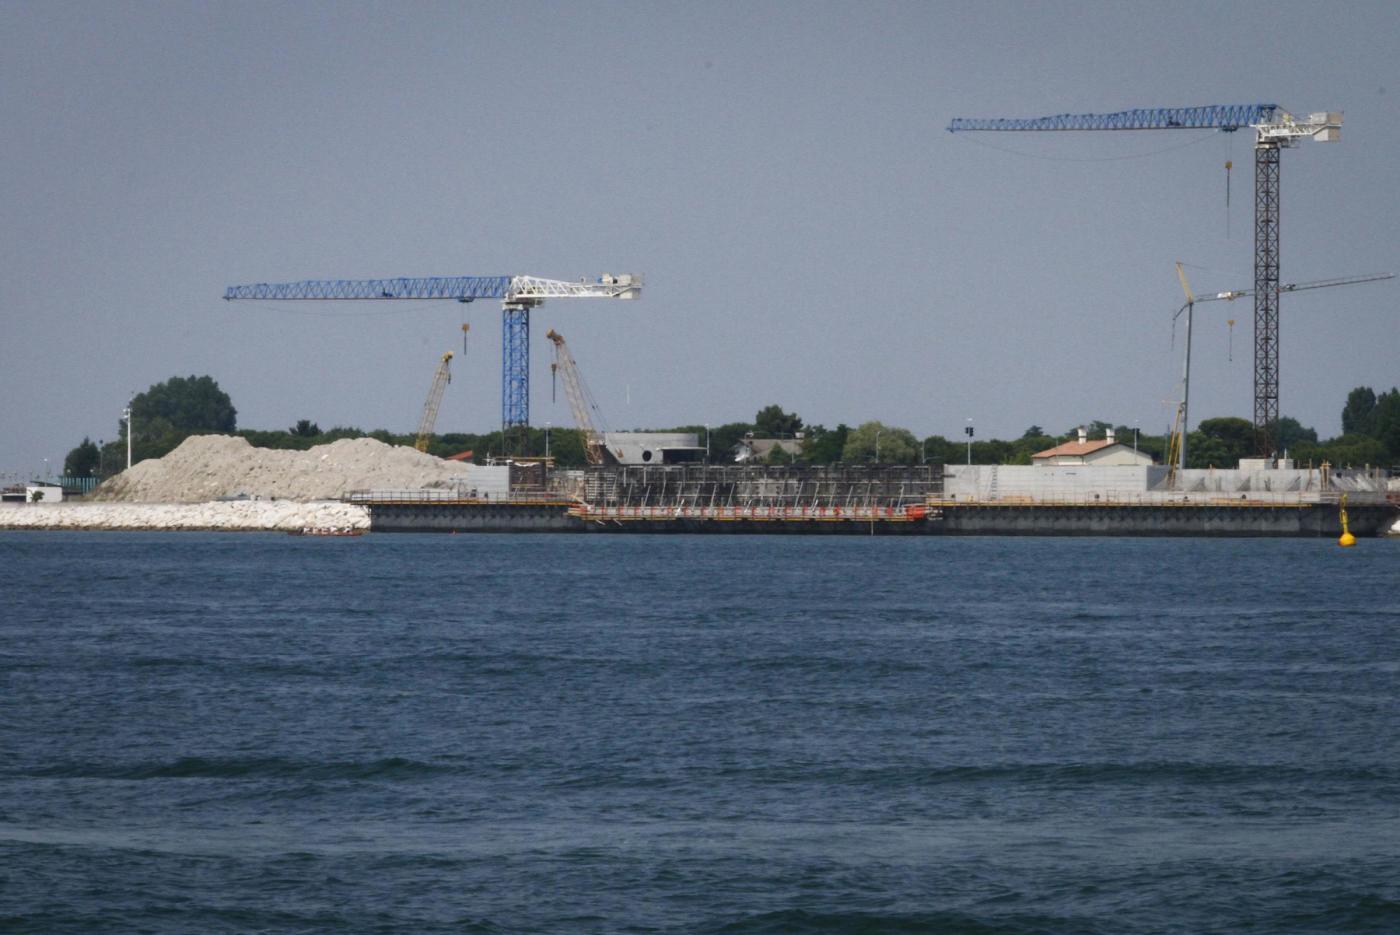 Il sistema MOSE progettato per la difesa di Venezia e della laguna dalle acque alte